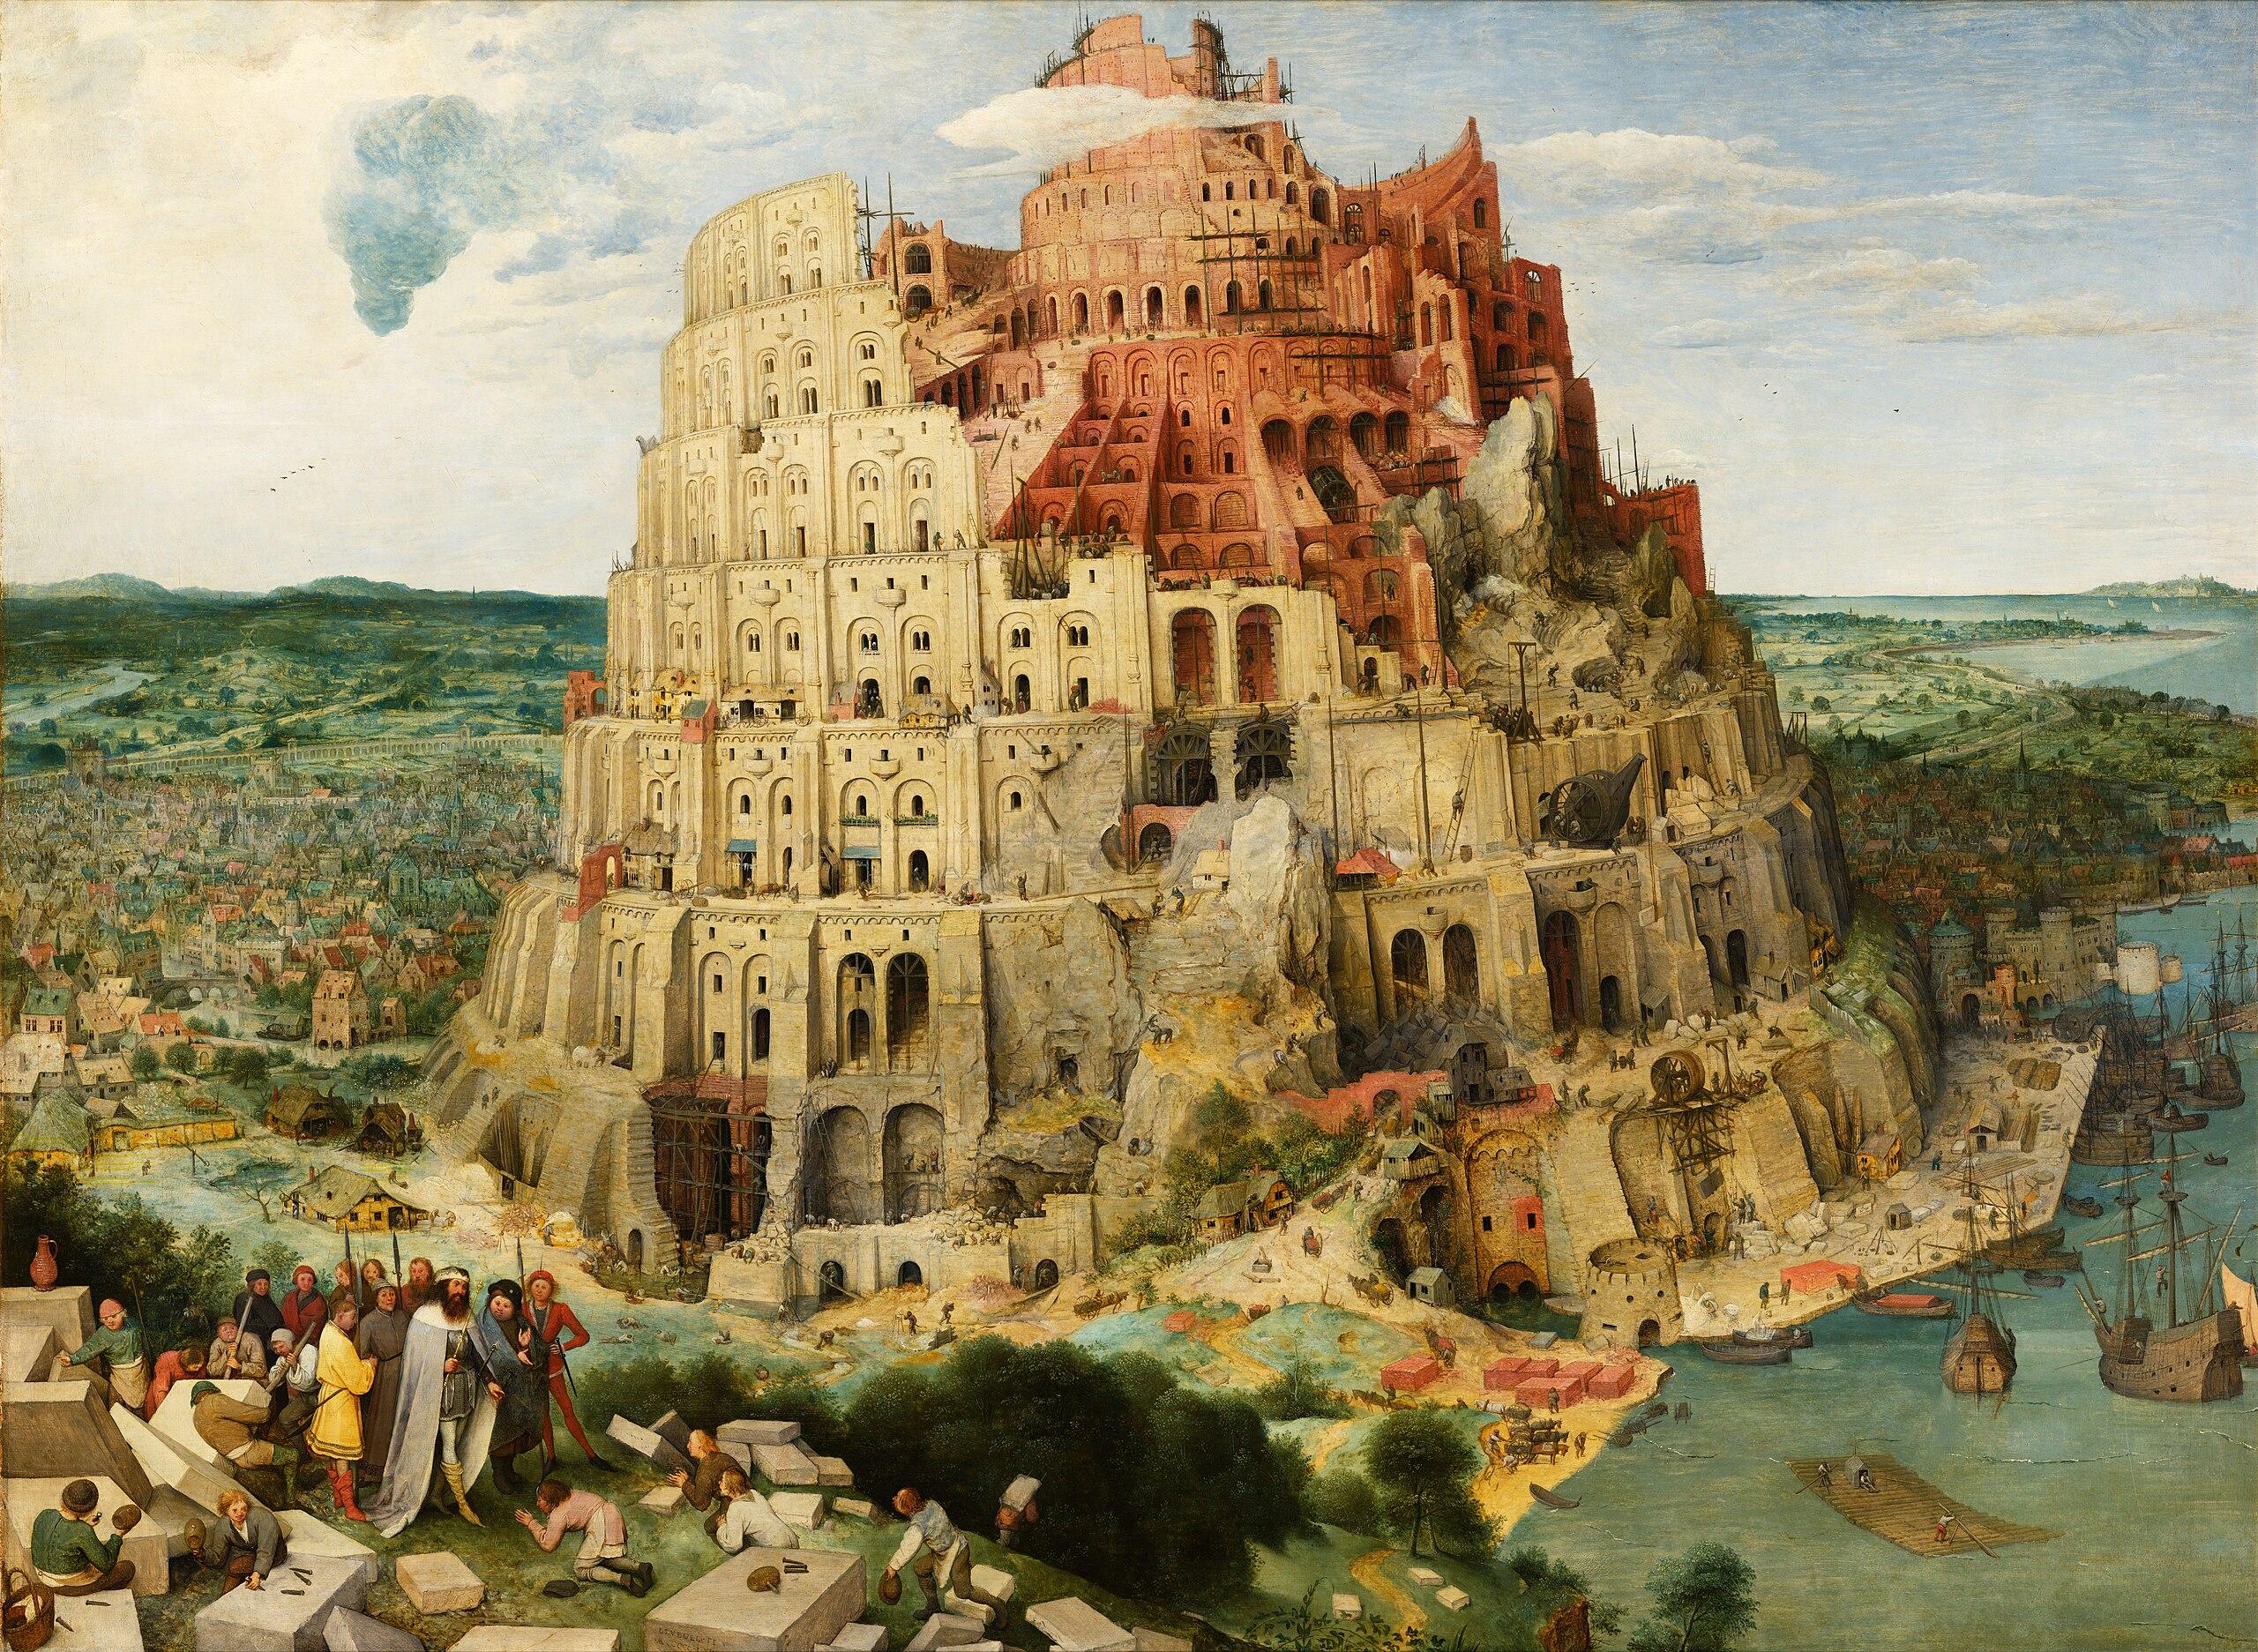 Turmbau zu Babel ist der Titel mehrerer Gemälde von Pieter Bruegel dem Älteren